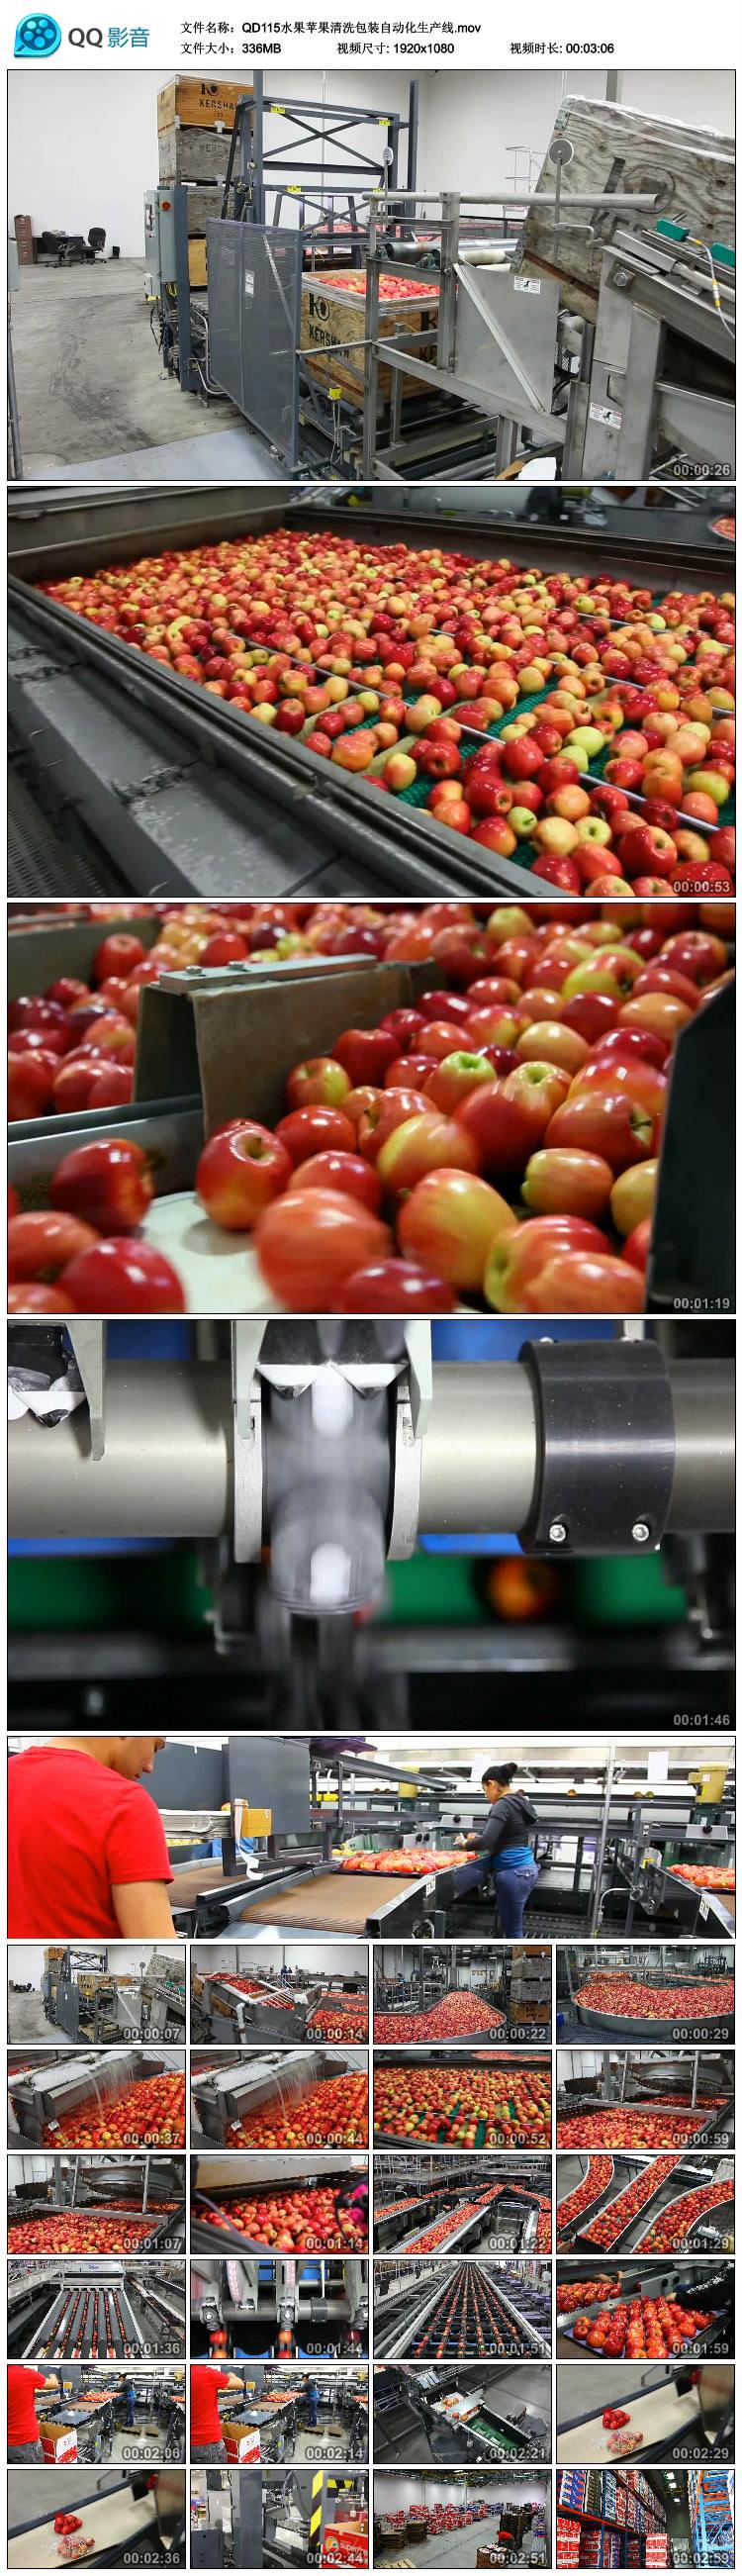 水果苹果清洗包装自动化生产线设备高清实拍视频素材